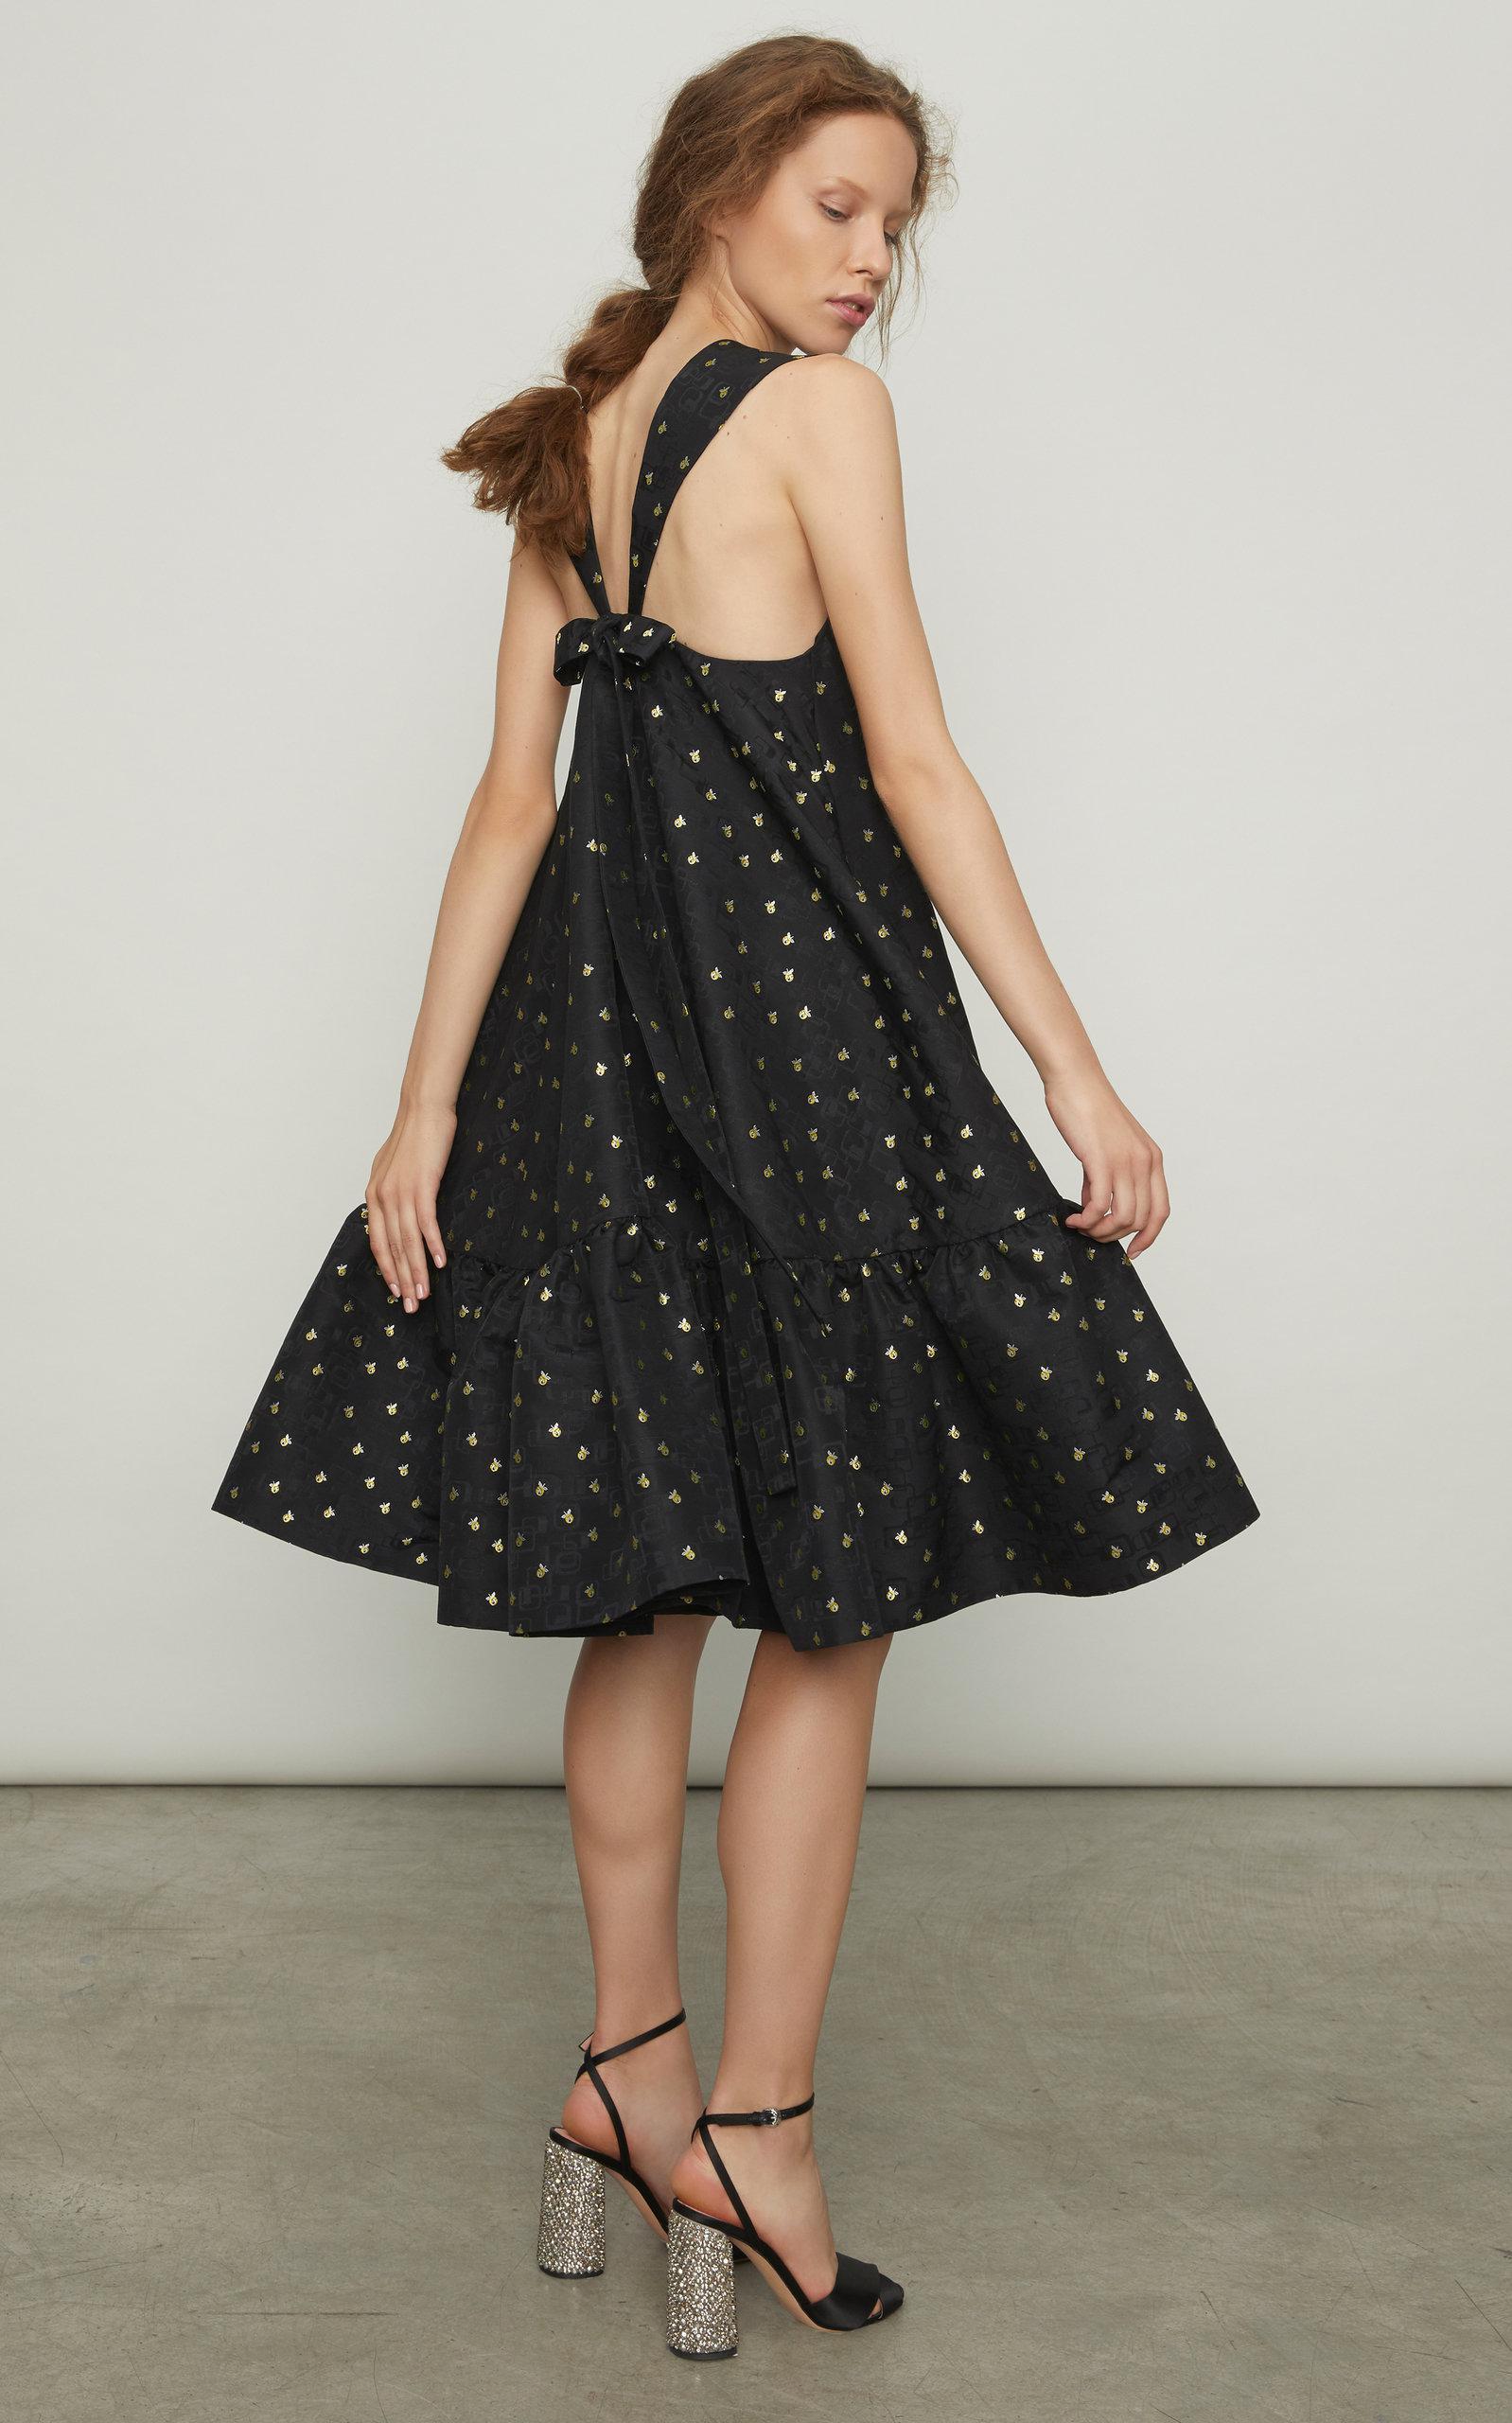 Otto Trapeze Print Dress Rochas Cheap With Mastercard bdwENZ